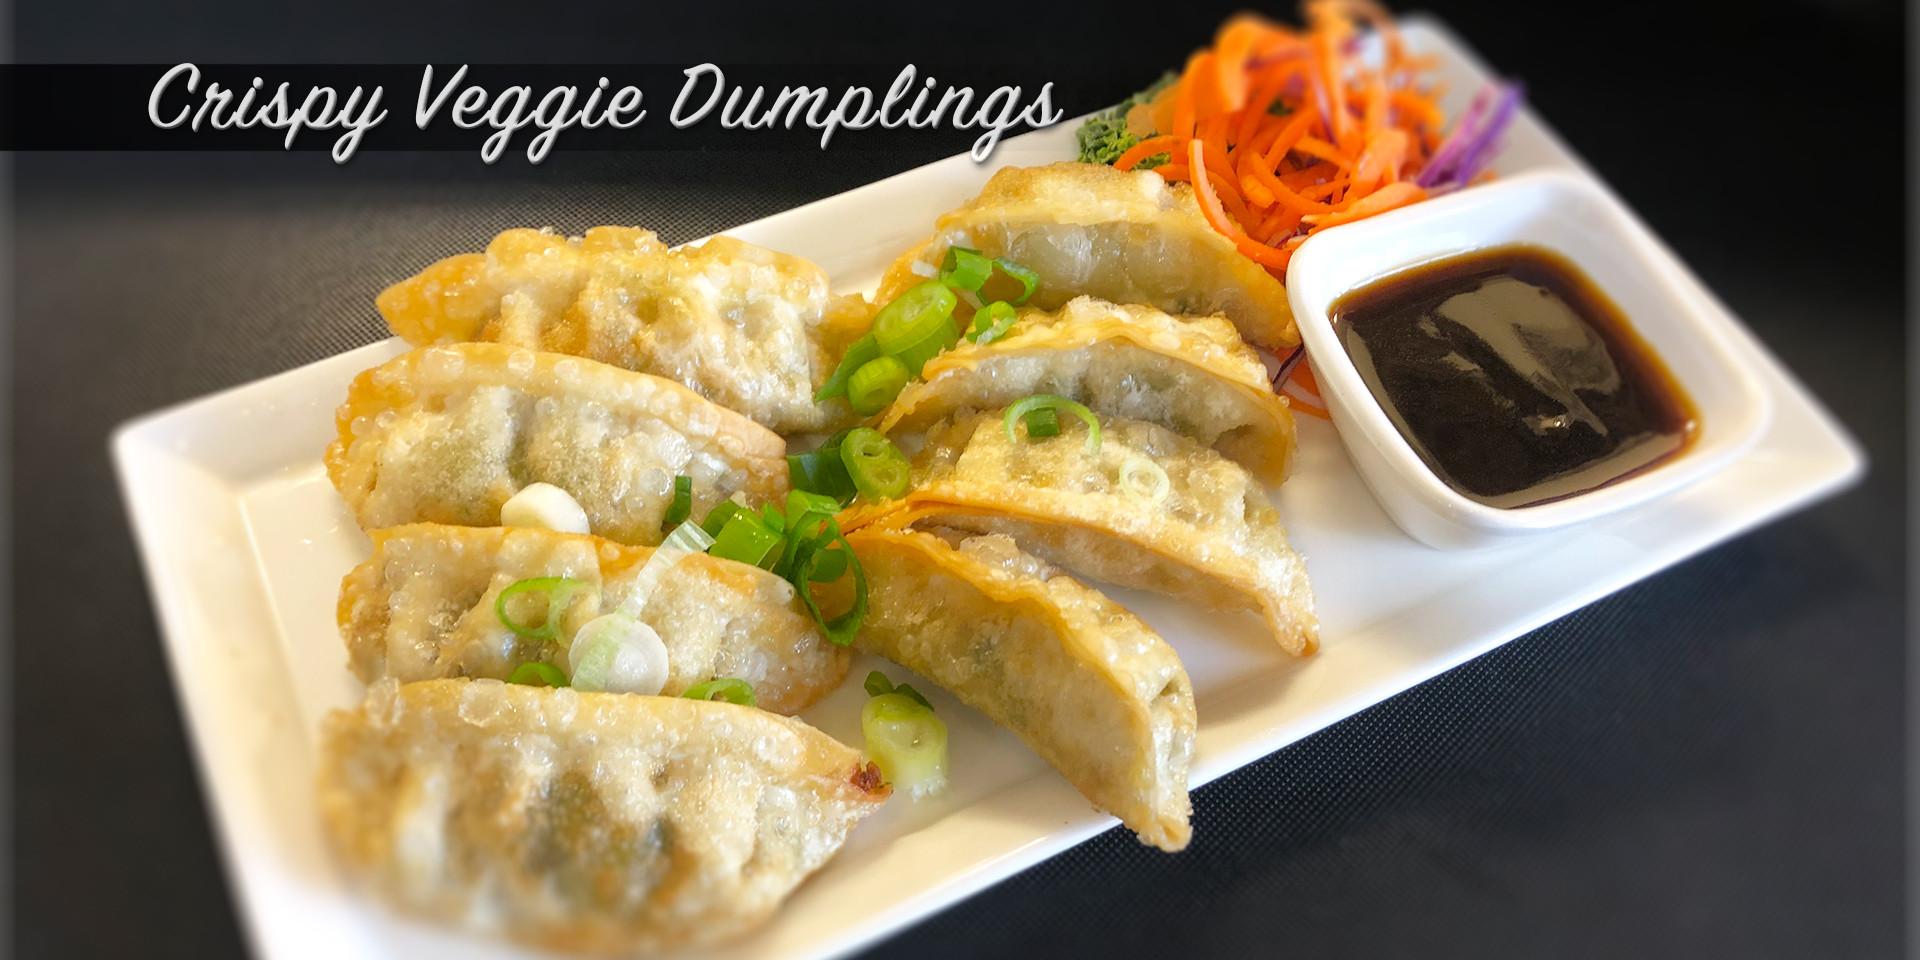 Crispy Veggie Dumplings.jpg